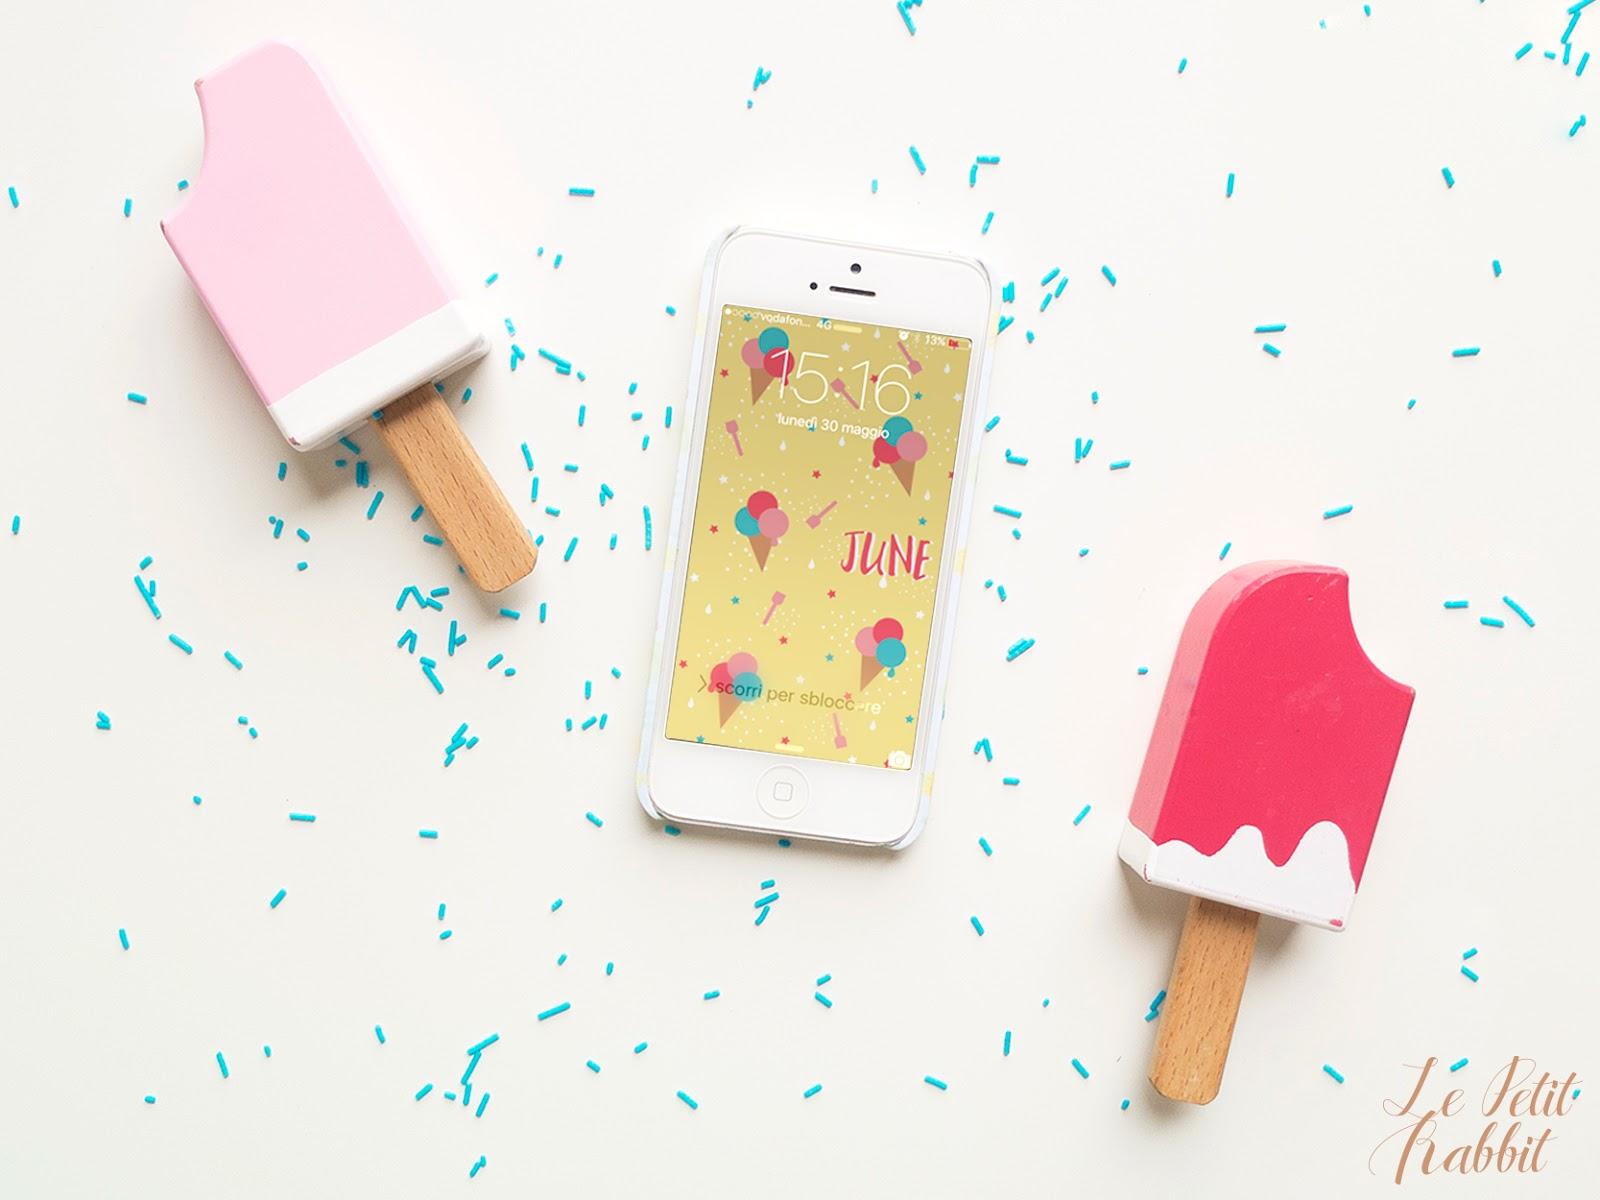 Sfondo Gratuito Smartphone Giugno 2016 Le Petit Rabbit